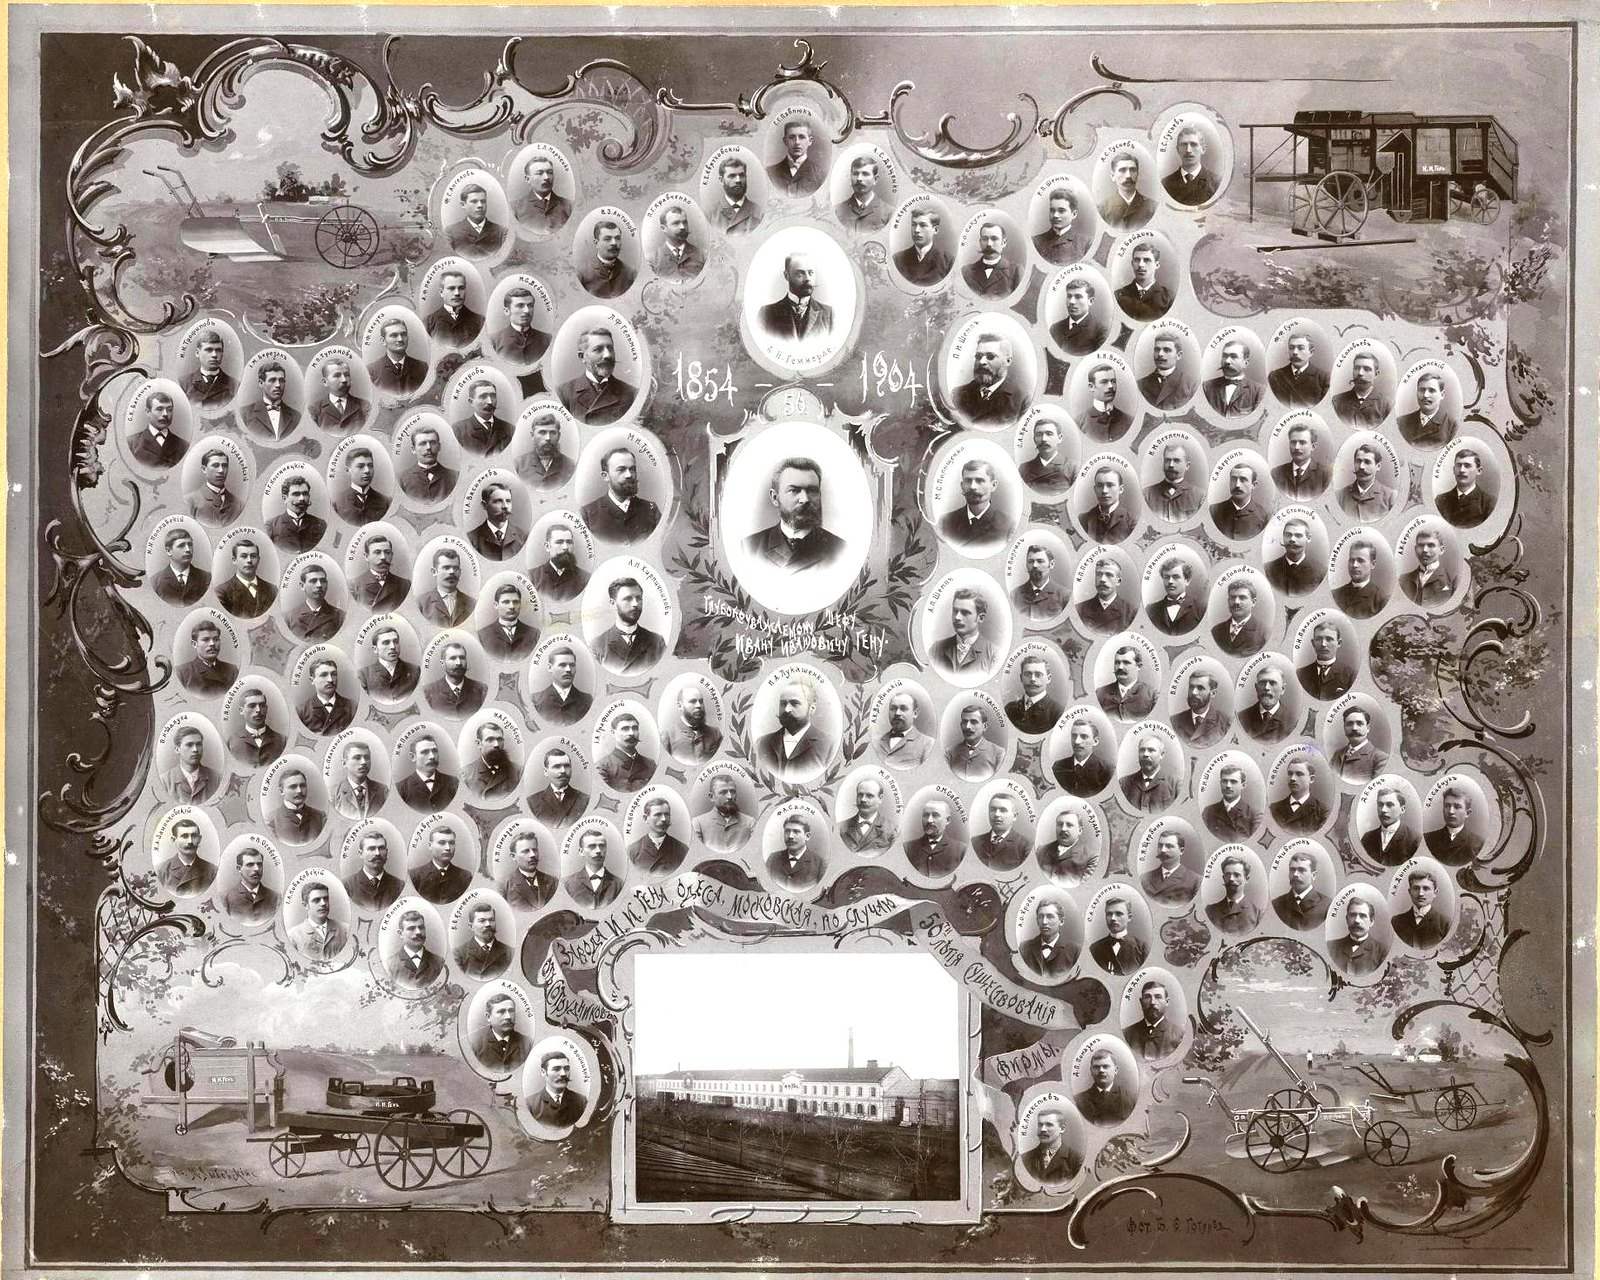 Административные работники, мастера и квалифицированные рабочие завода Гена. Готлиб Б.Ф. 1904